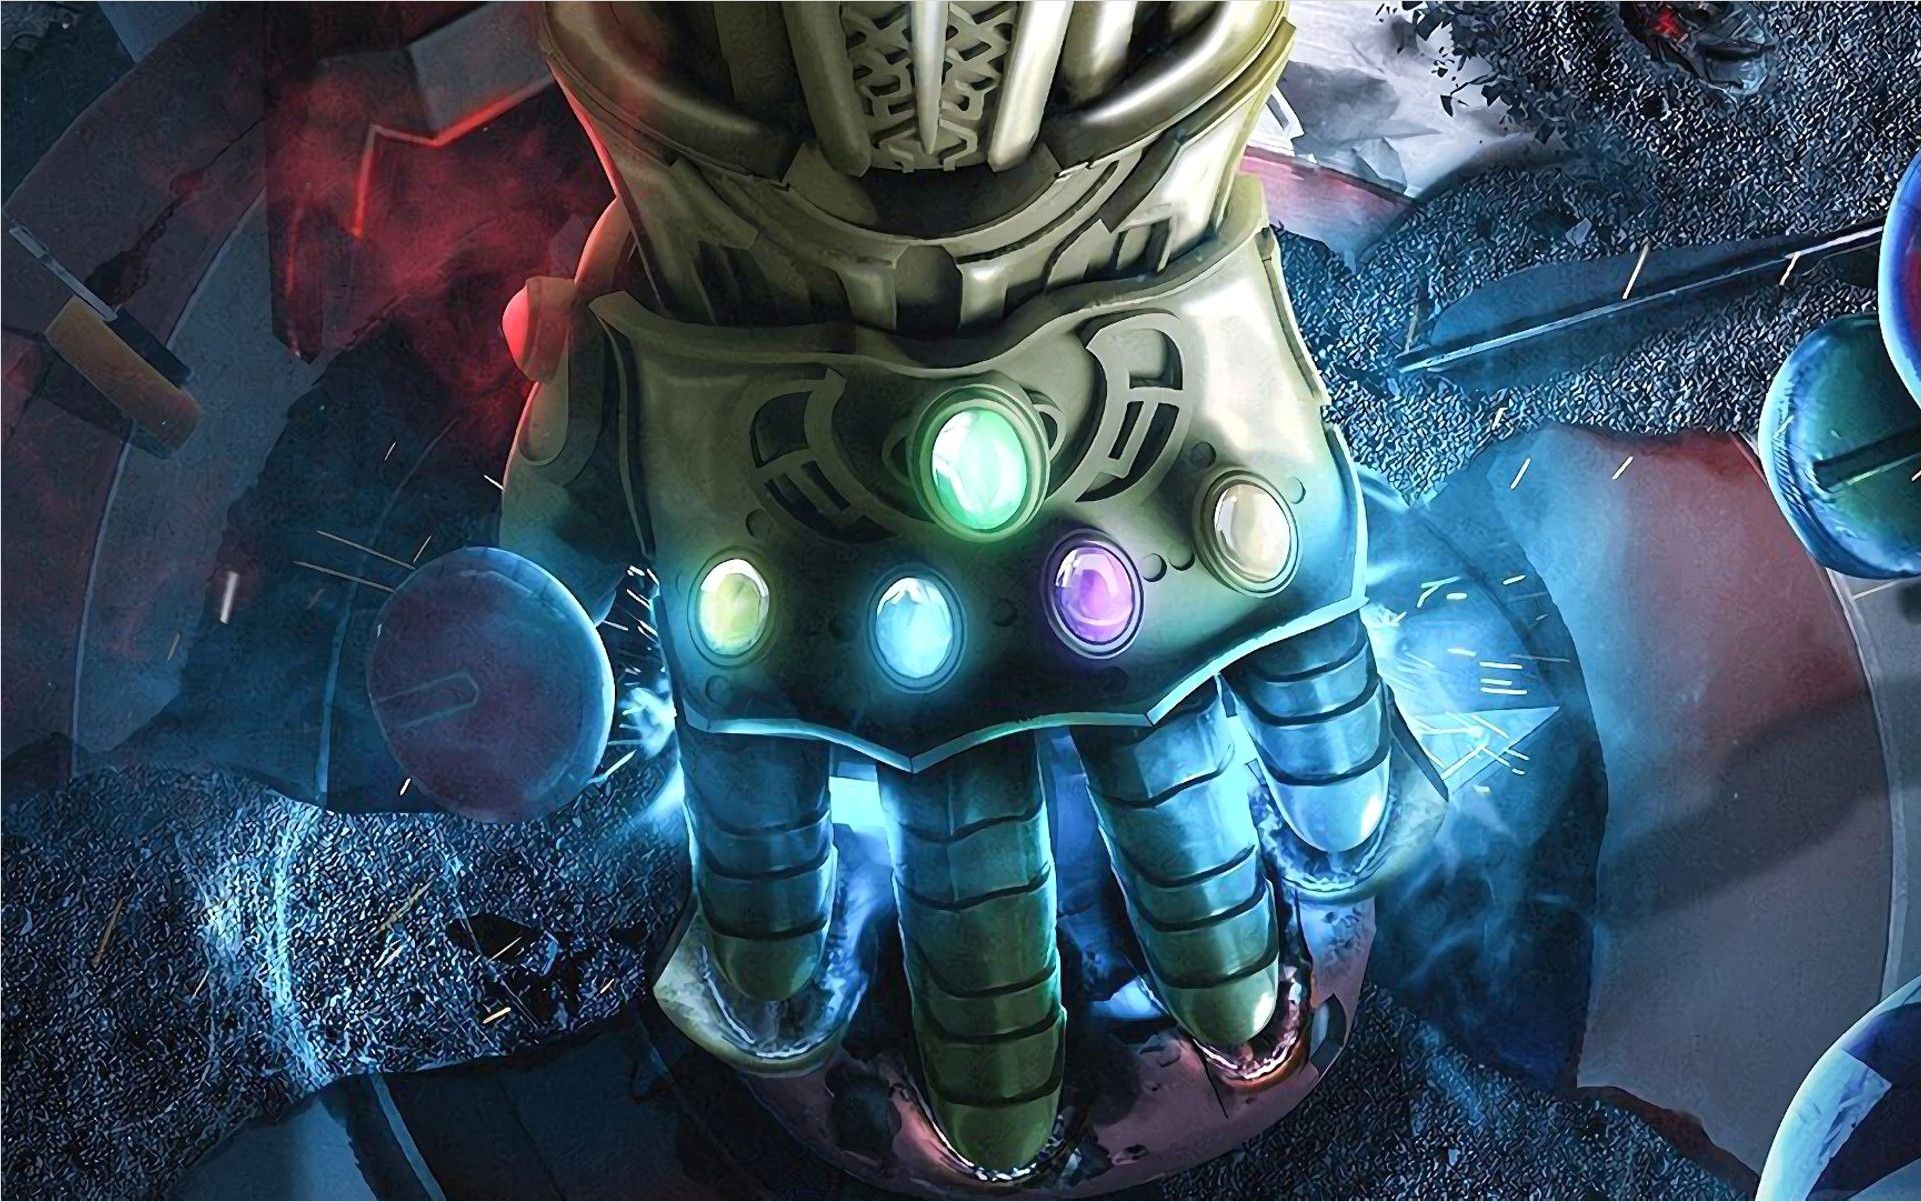 4k Infinty Gauntlet Wallpaper In 2020 Avengers Avengers Infinity War Infinity War